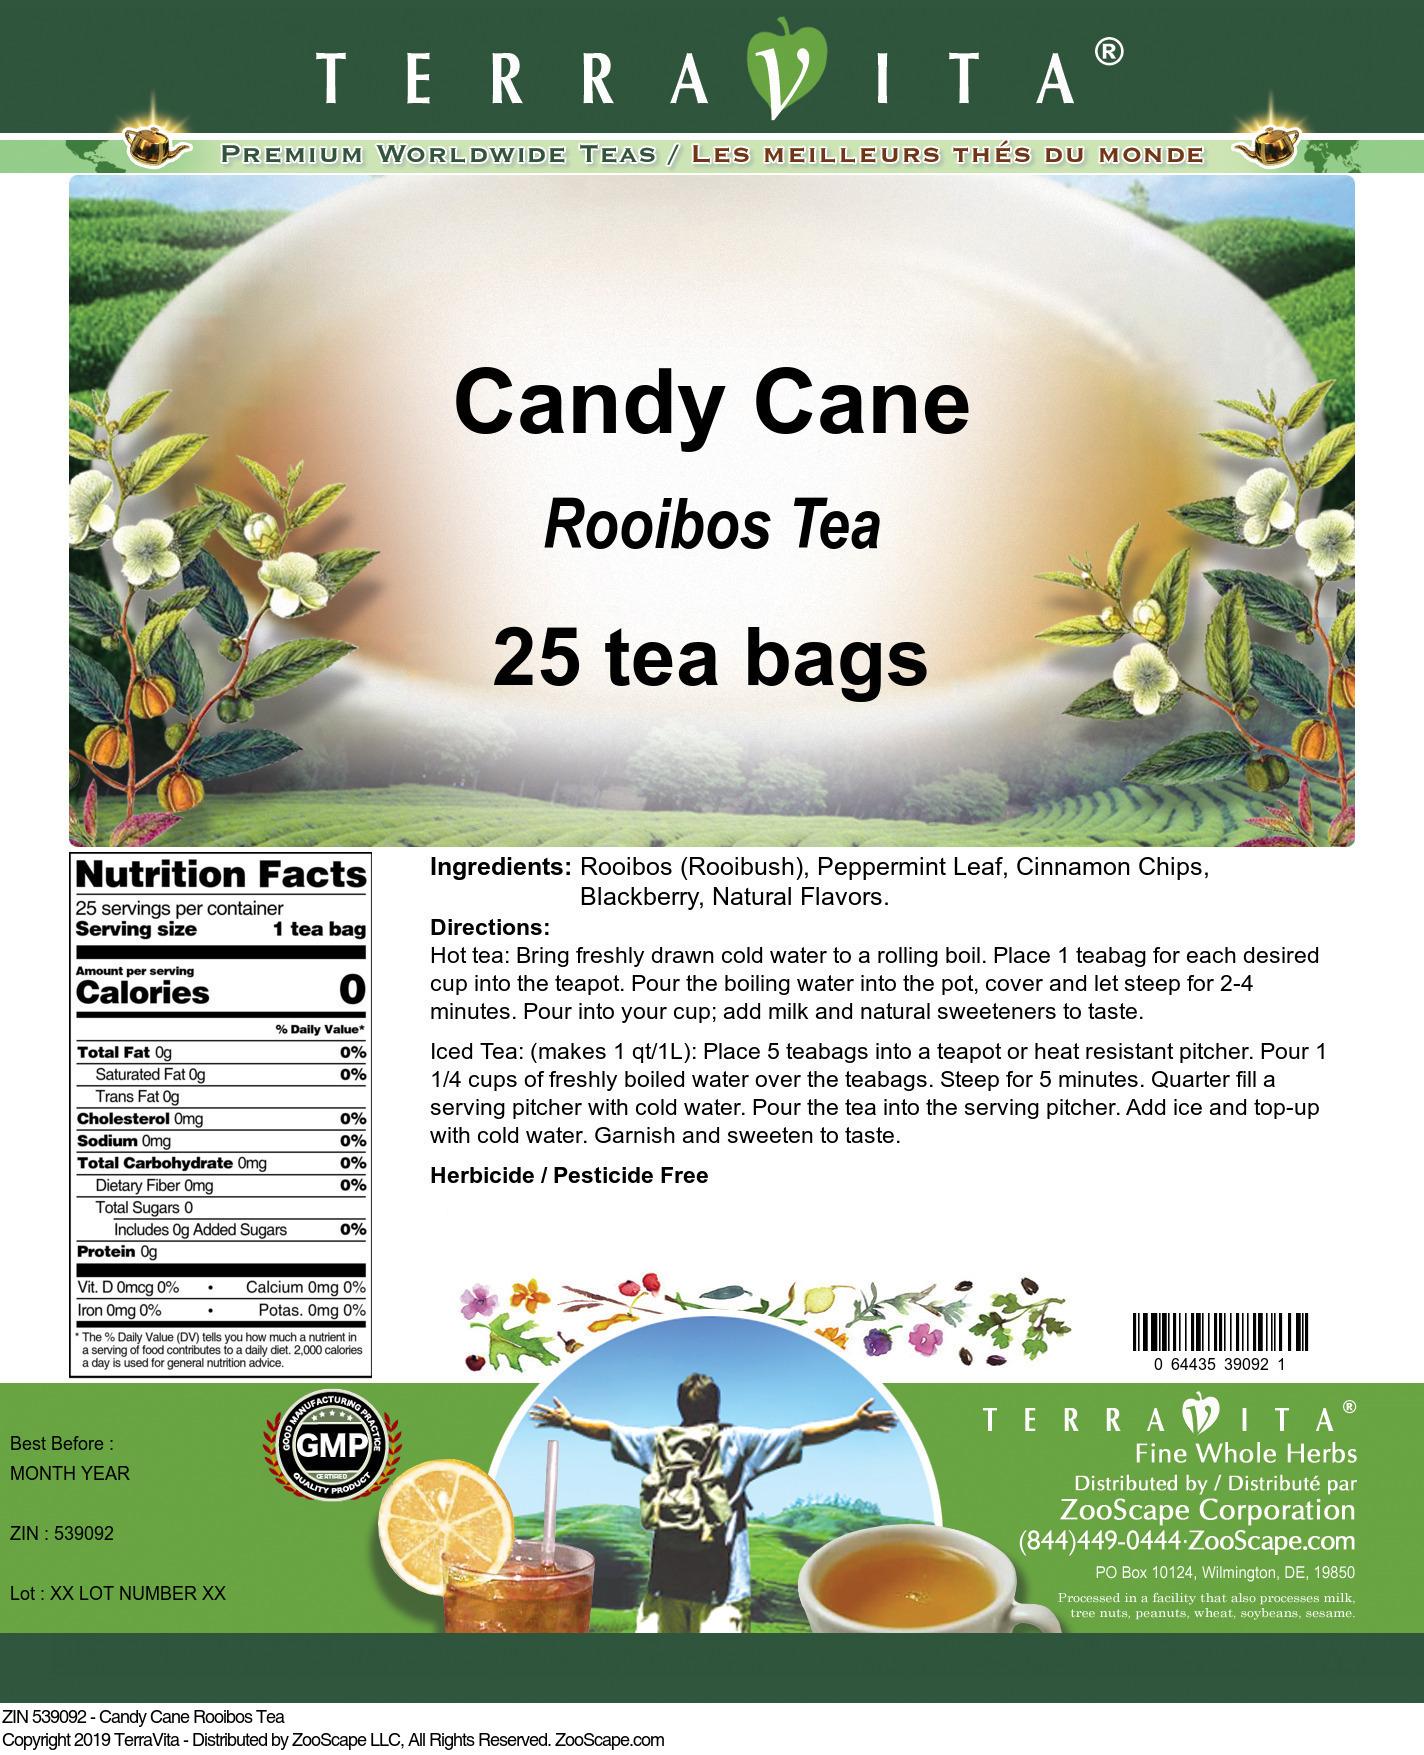 Candy Cane Rooibos Tea